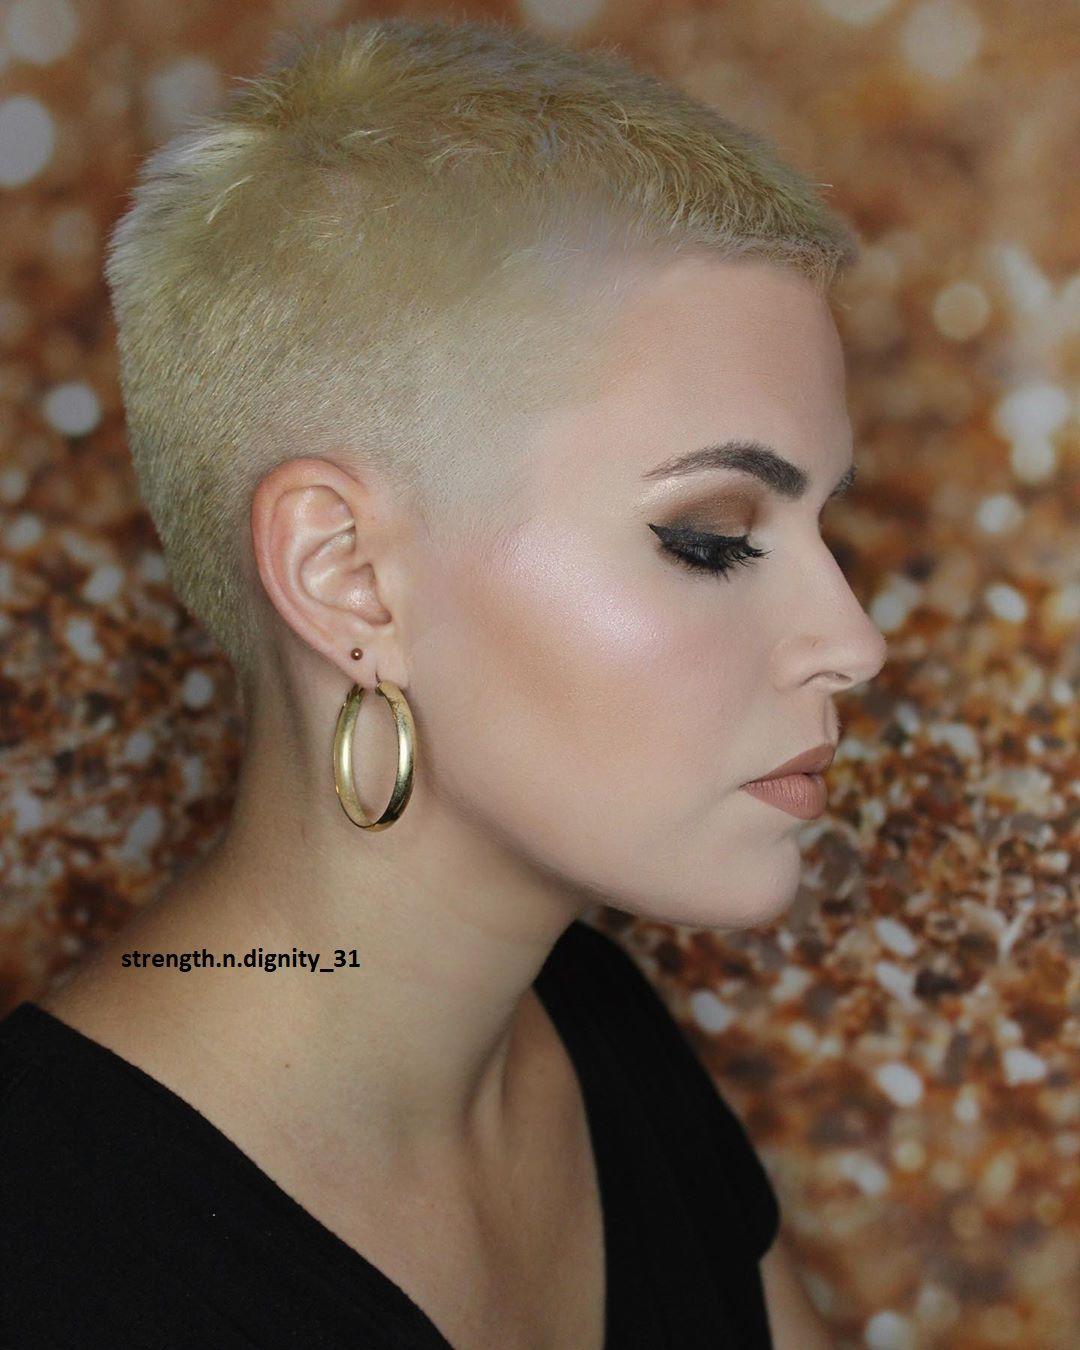 Sehr kurze schöne Haarschnitte Kurzhaar Frisuren - Frisuren Stil